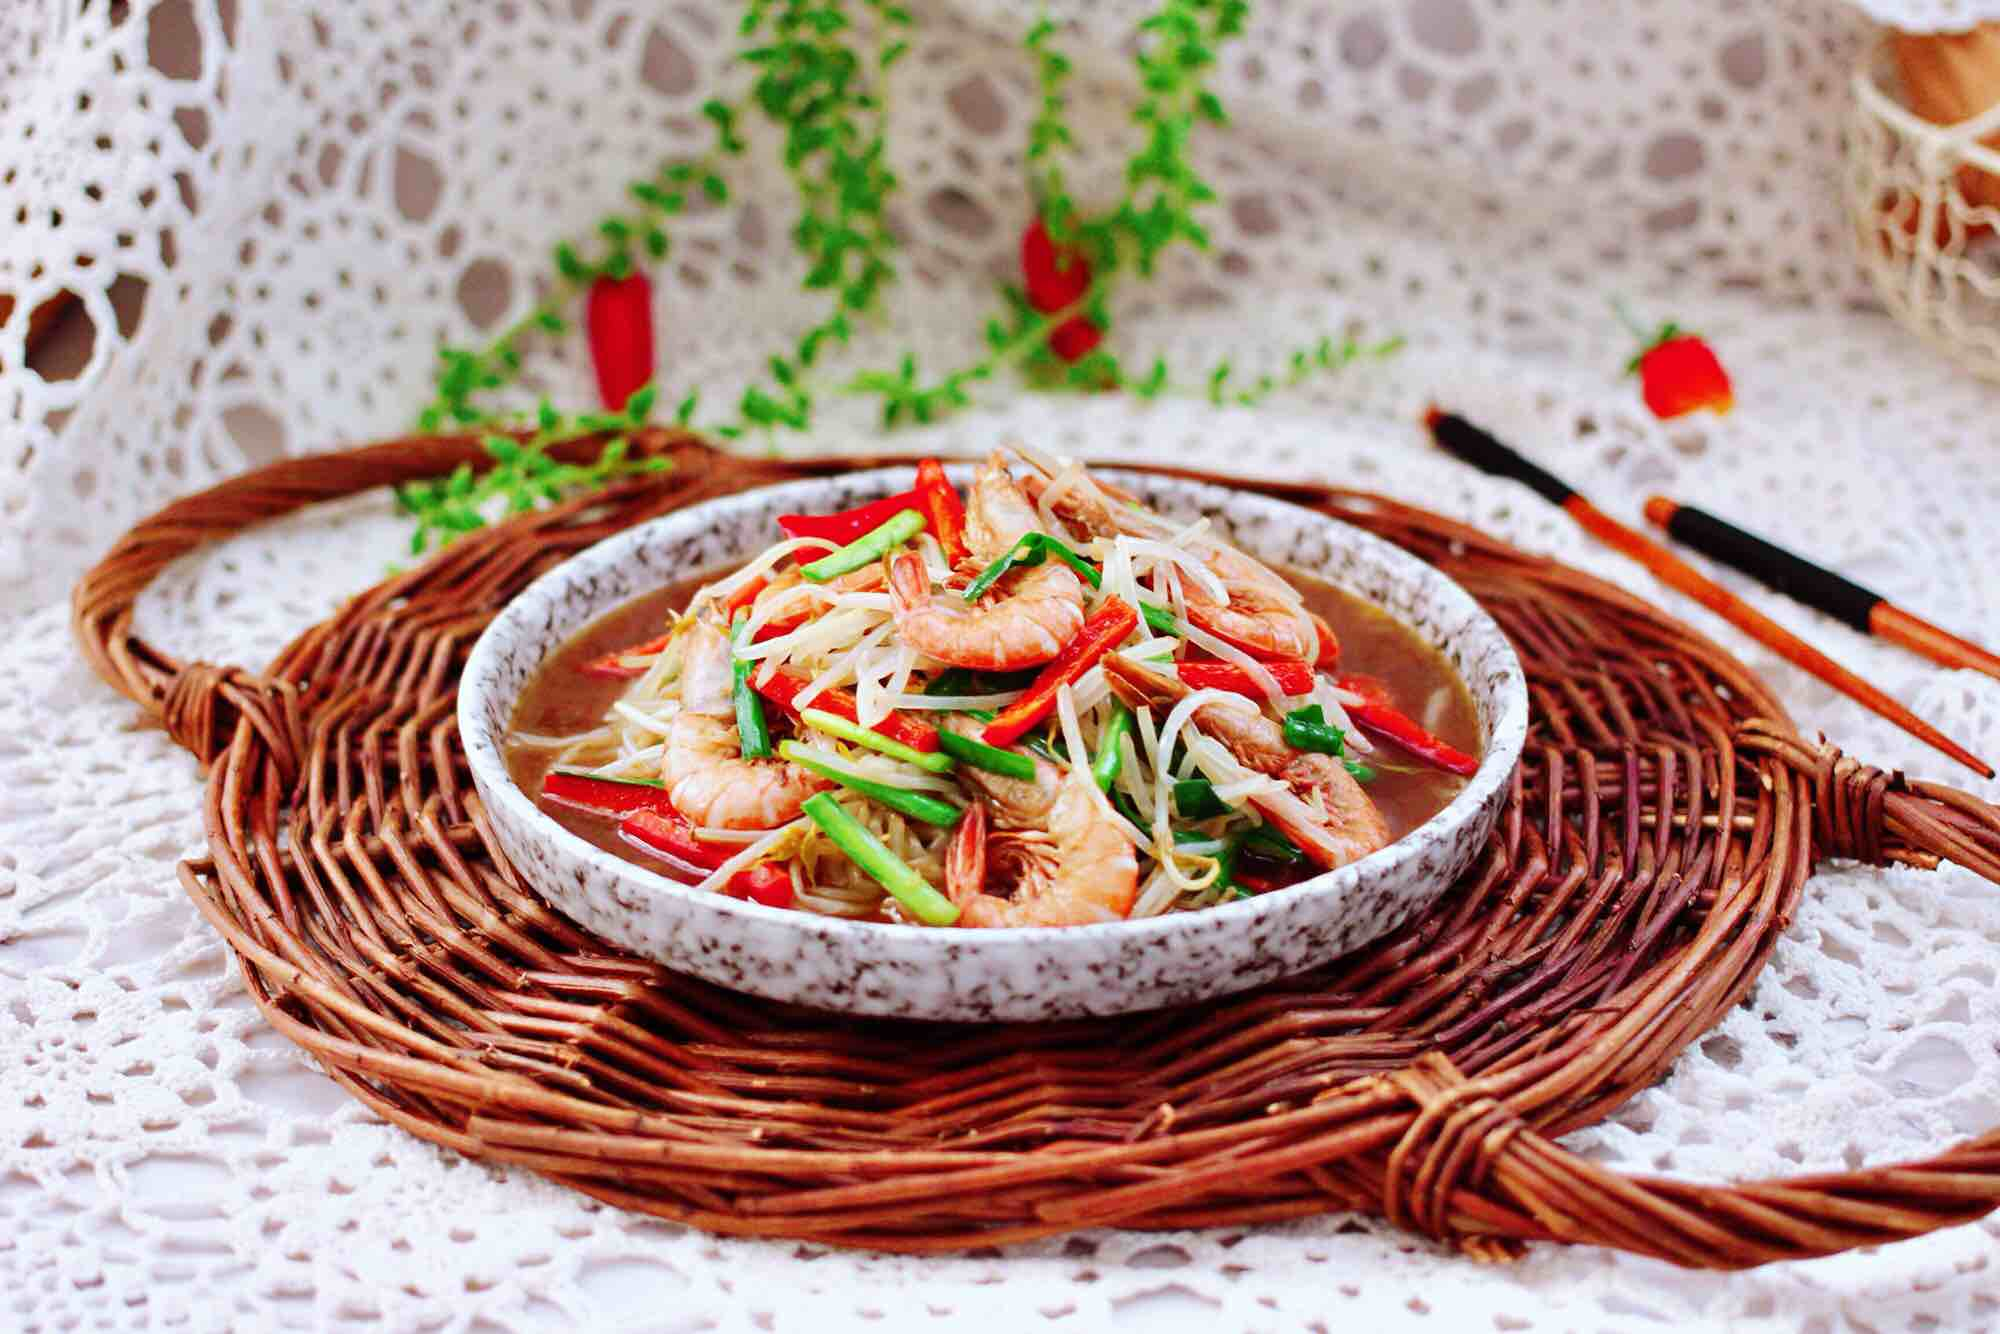 绿豆芽炒红虾成品图